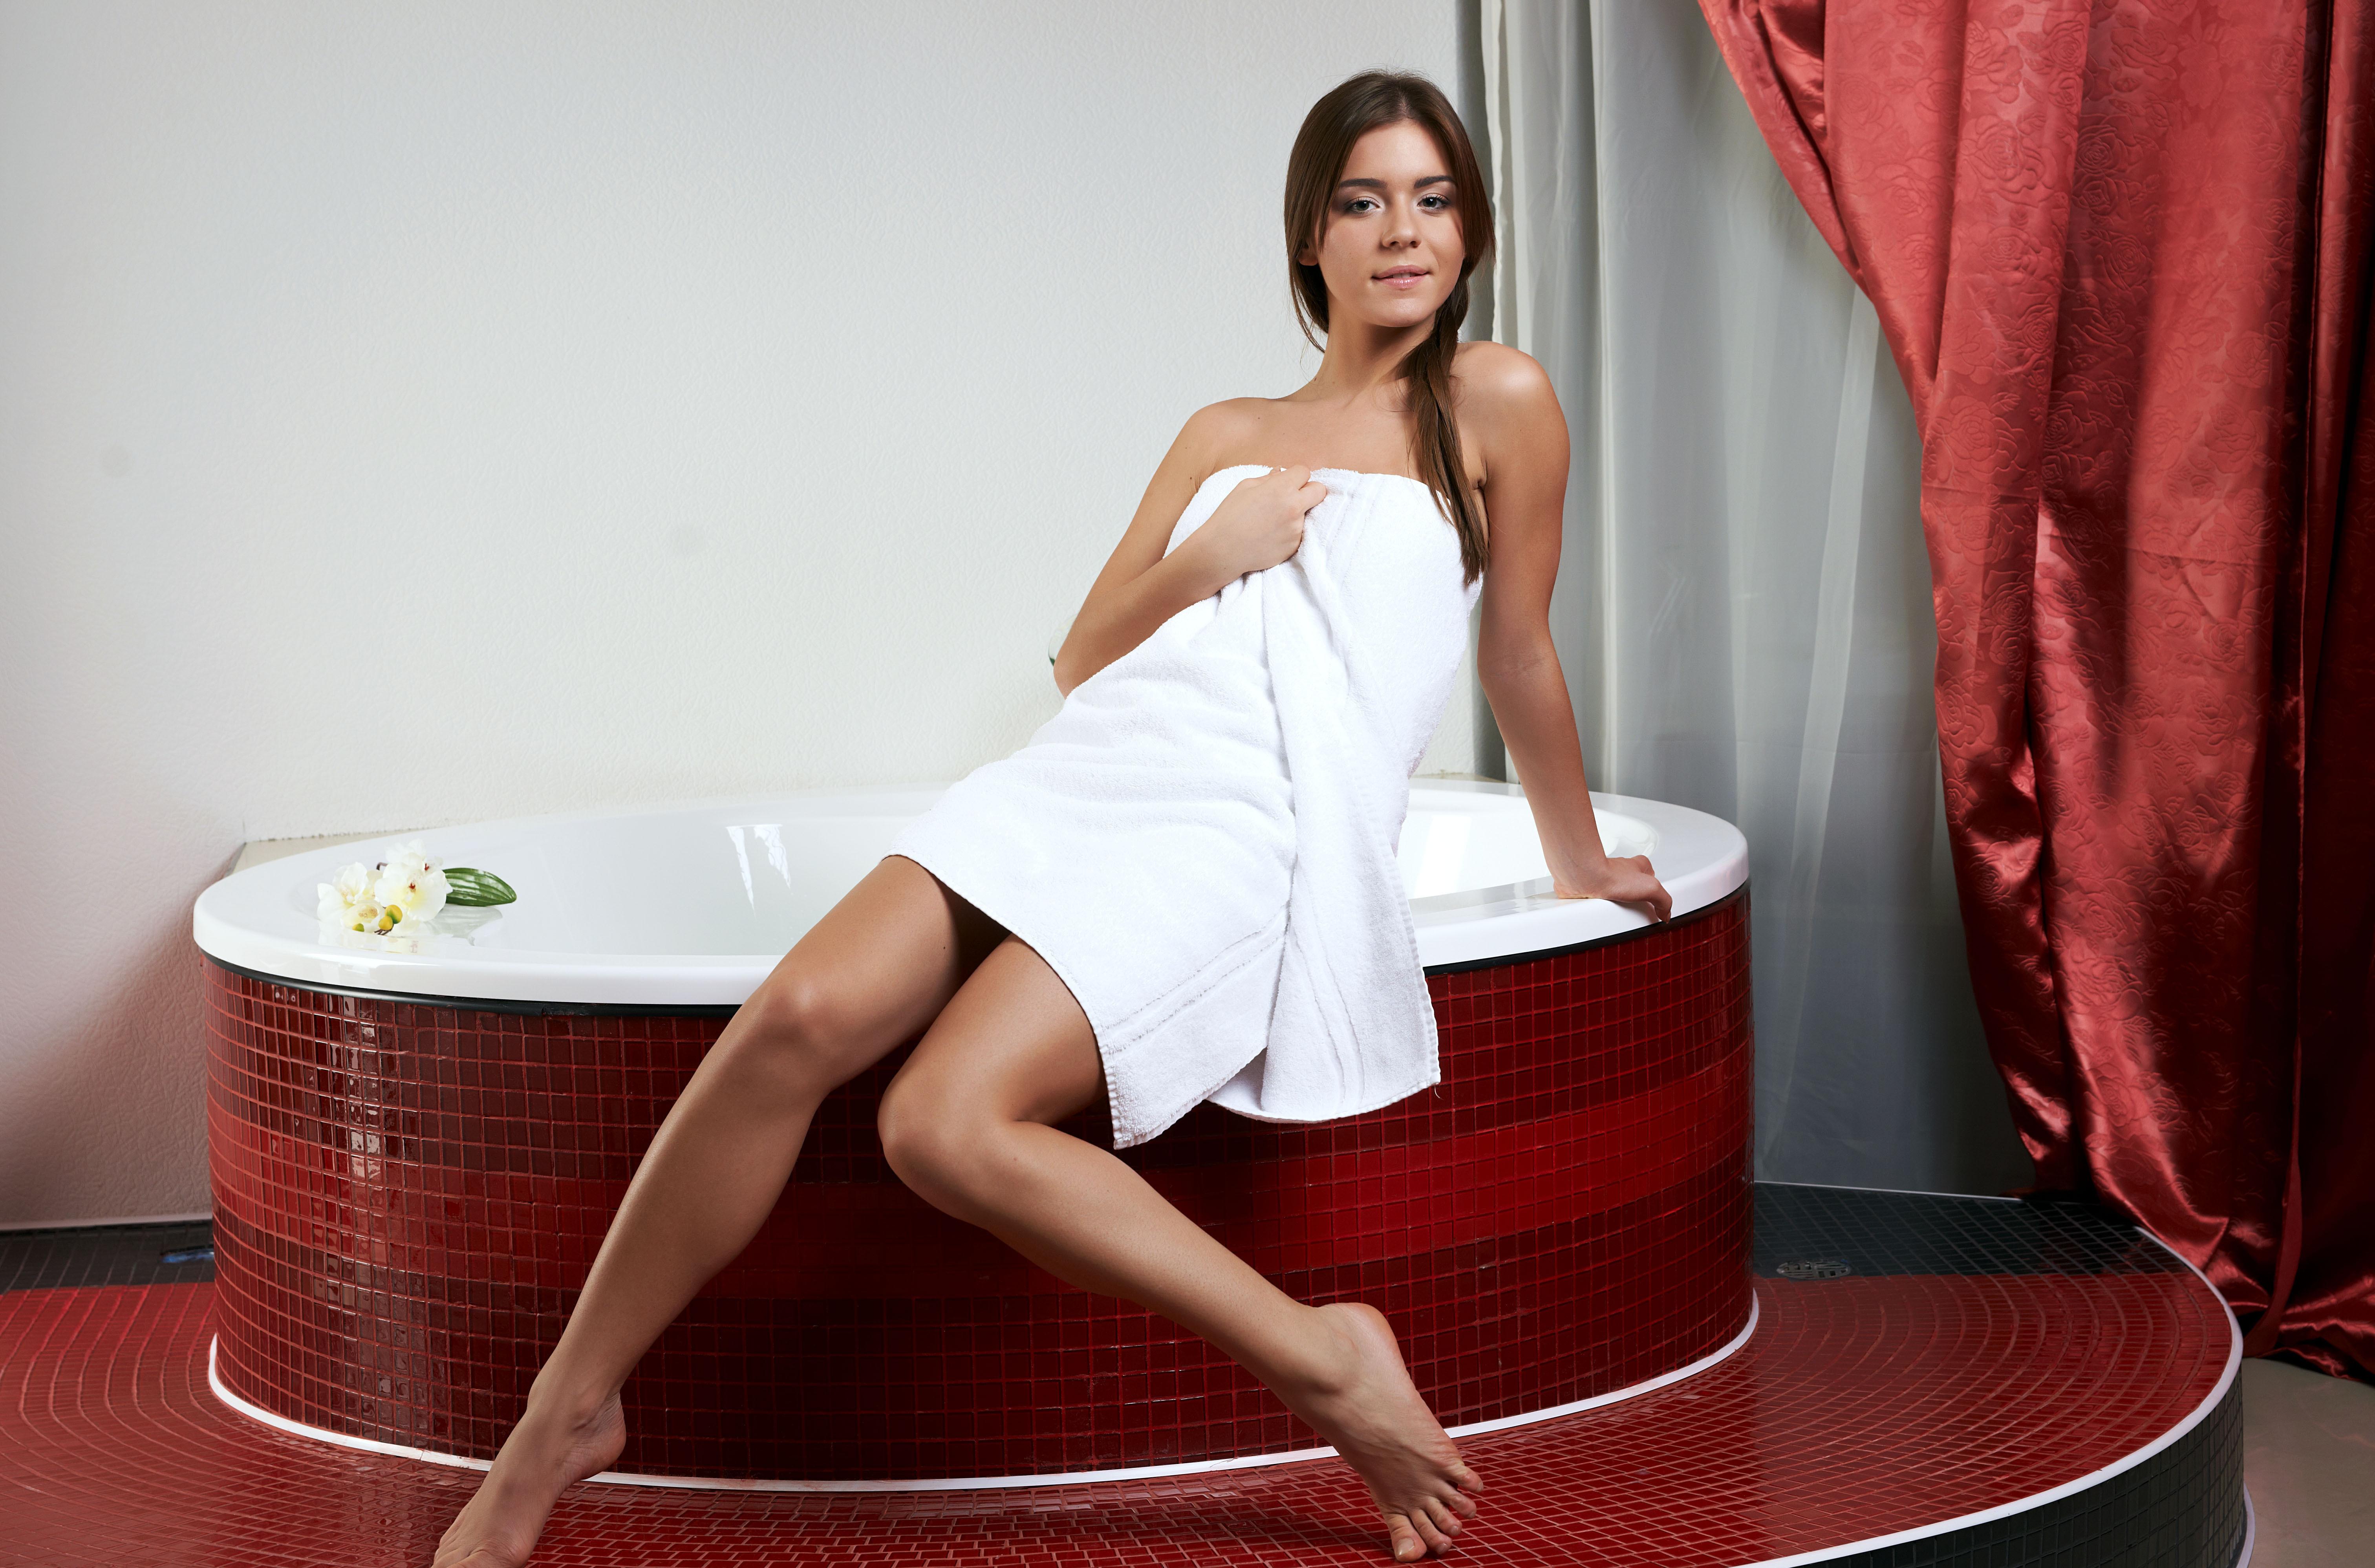 Фото девушек в полотенцах 7 фотография